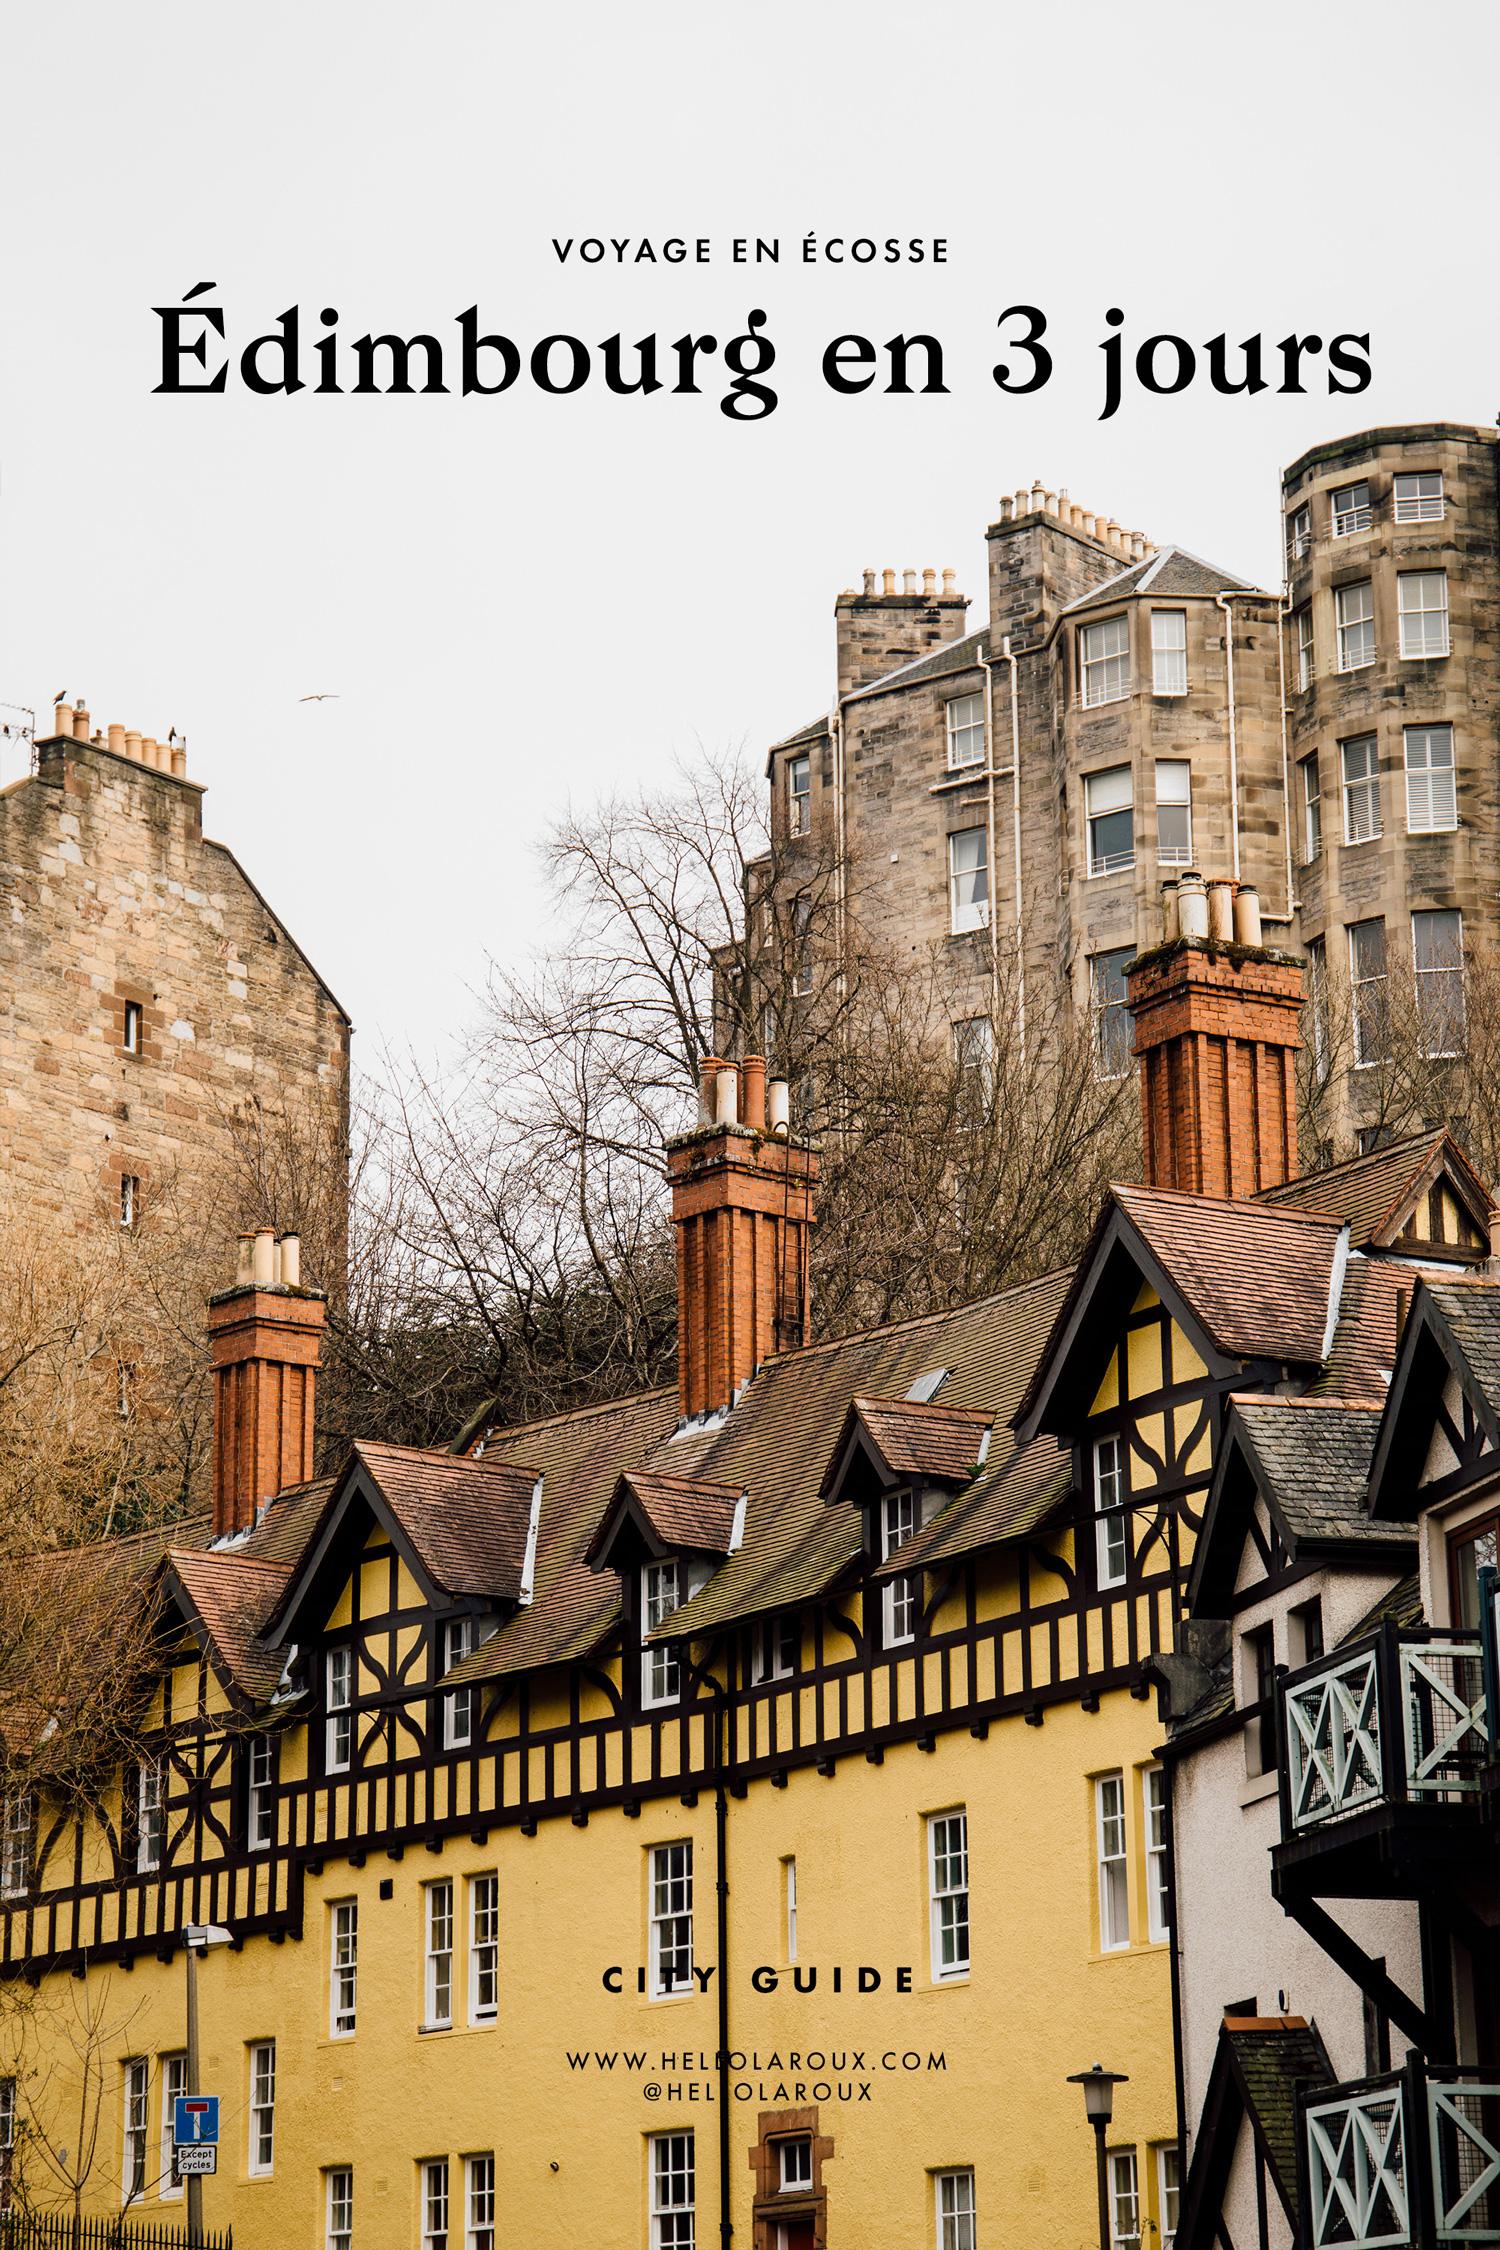 Visiter Édimbourg, le guide (Écosse) - que voir, que visiter et que faire à Edimbourg